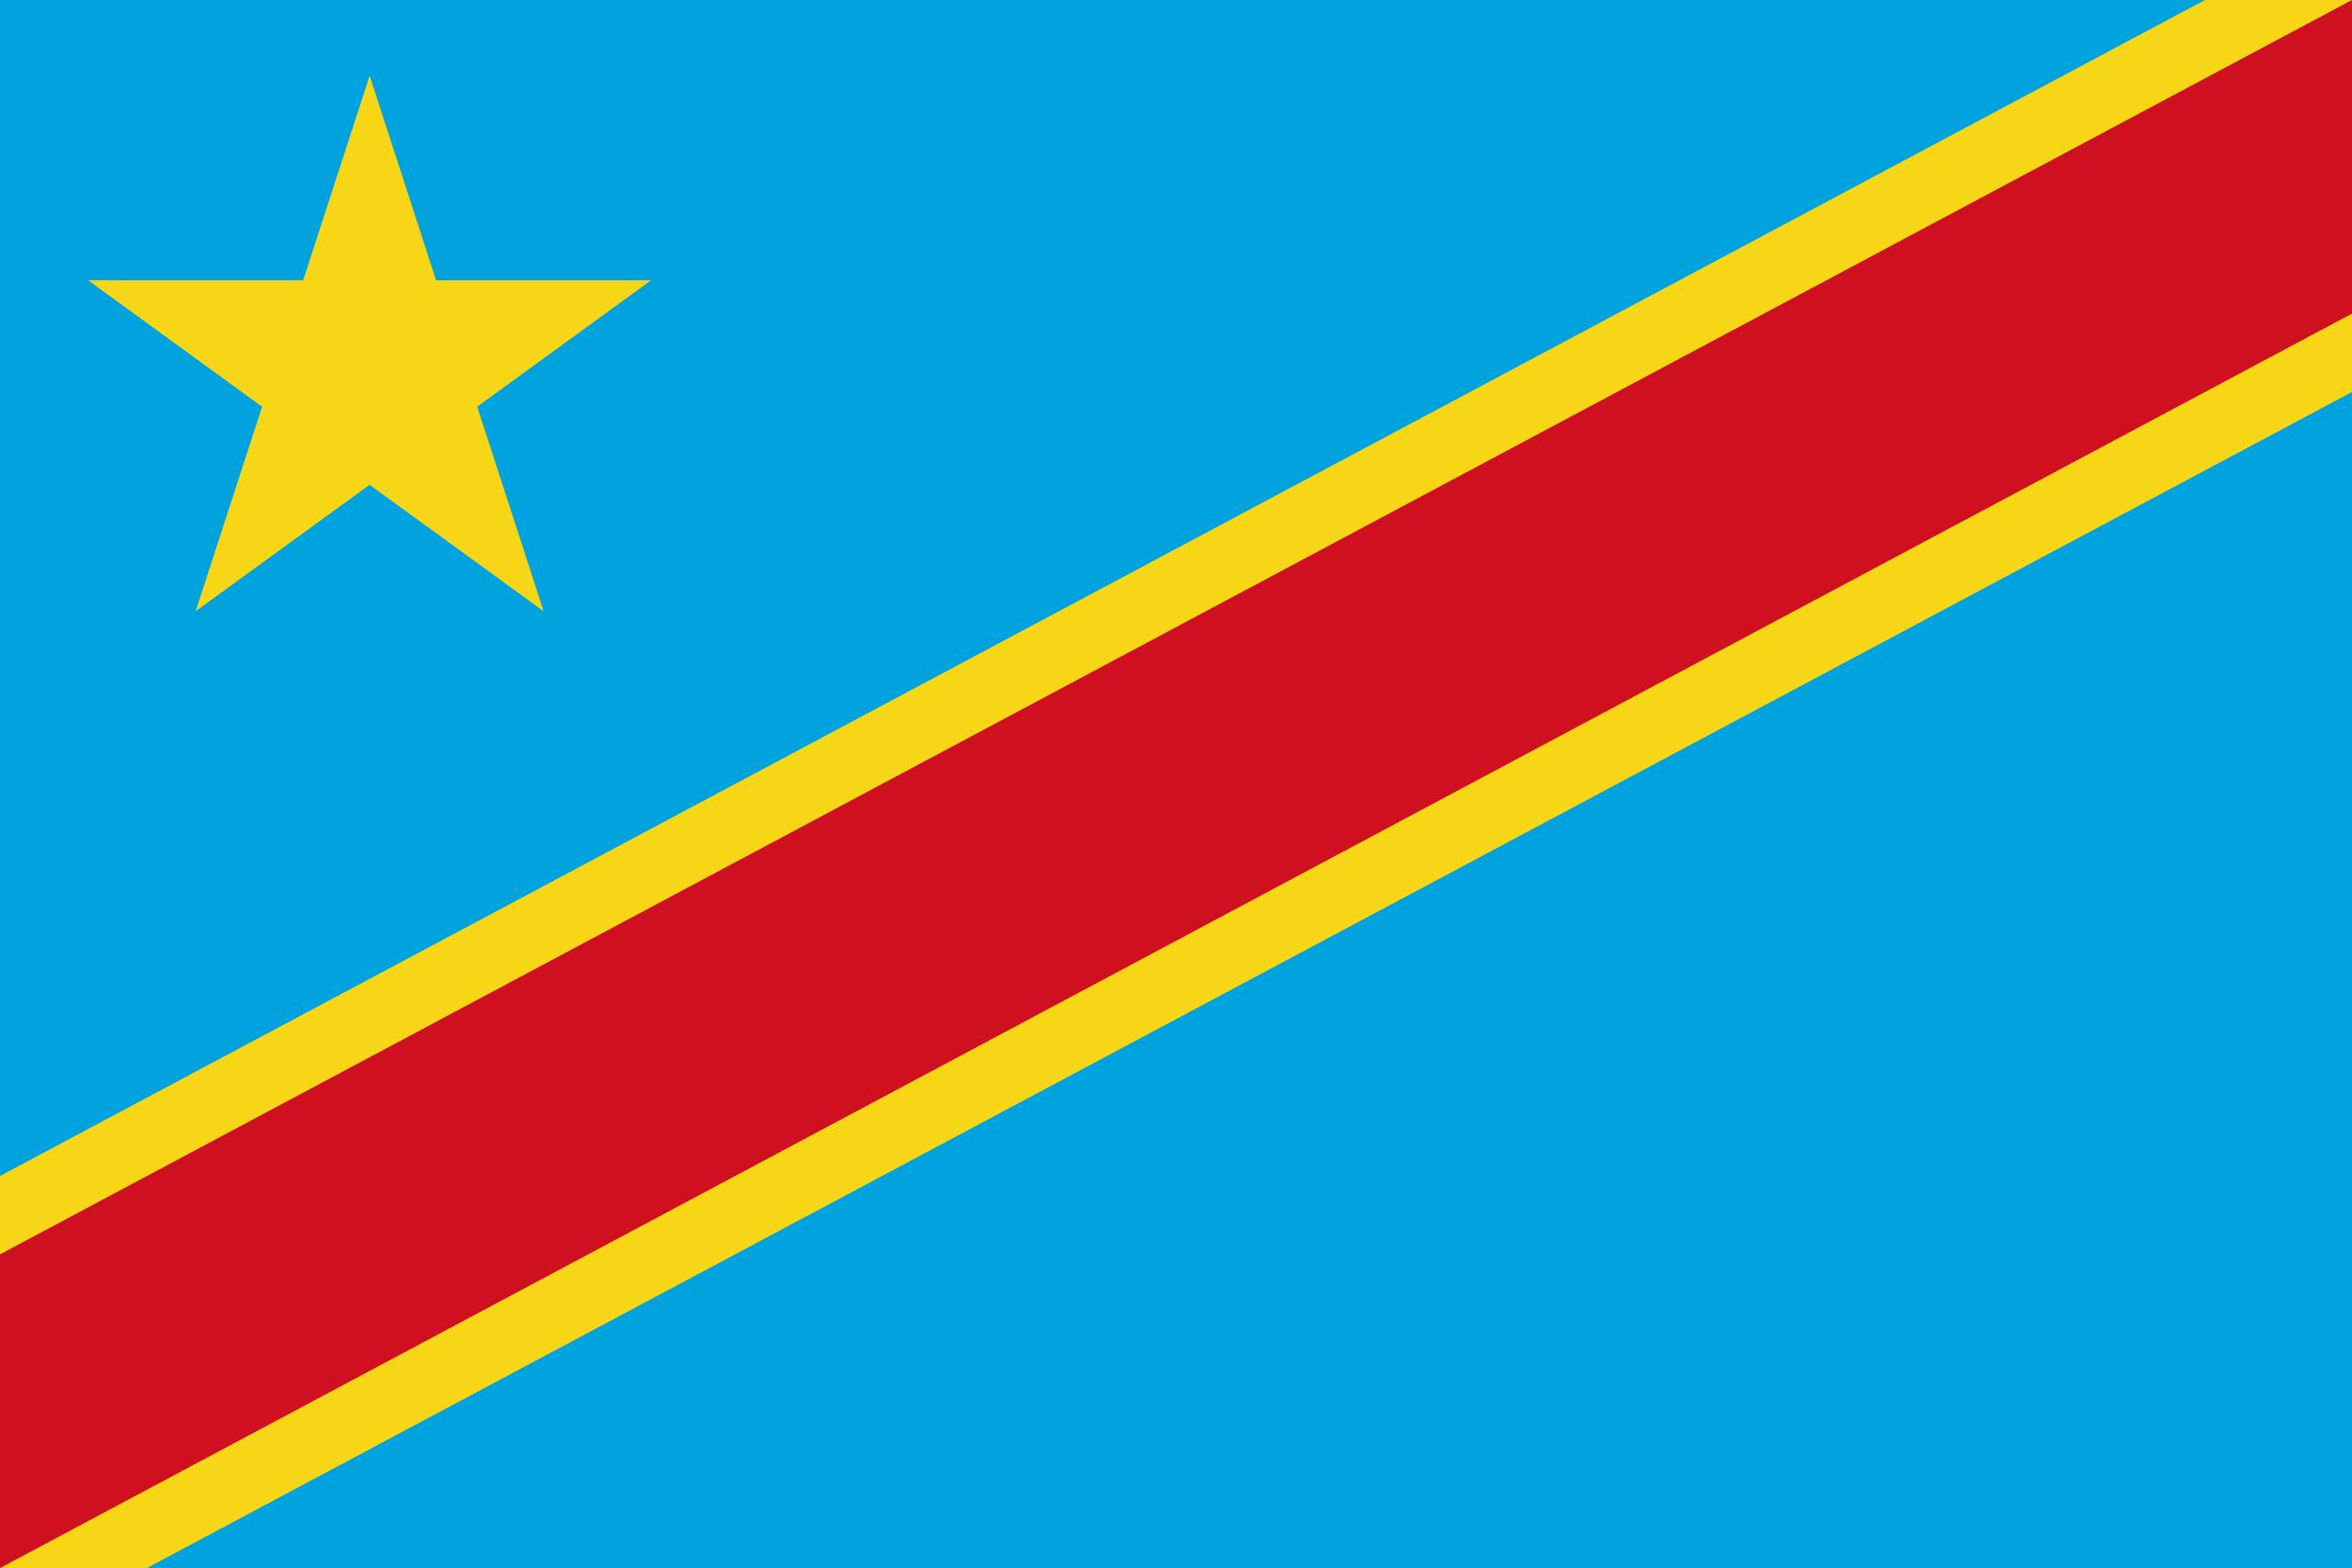 república democrática del congo, देश, emblema, लोग�प्रतीकbolo - HD वॉलपेपर - प्रोफेसर-falken.com